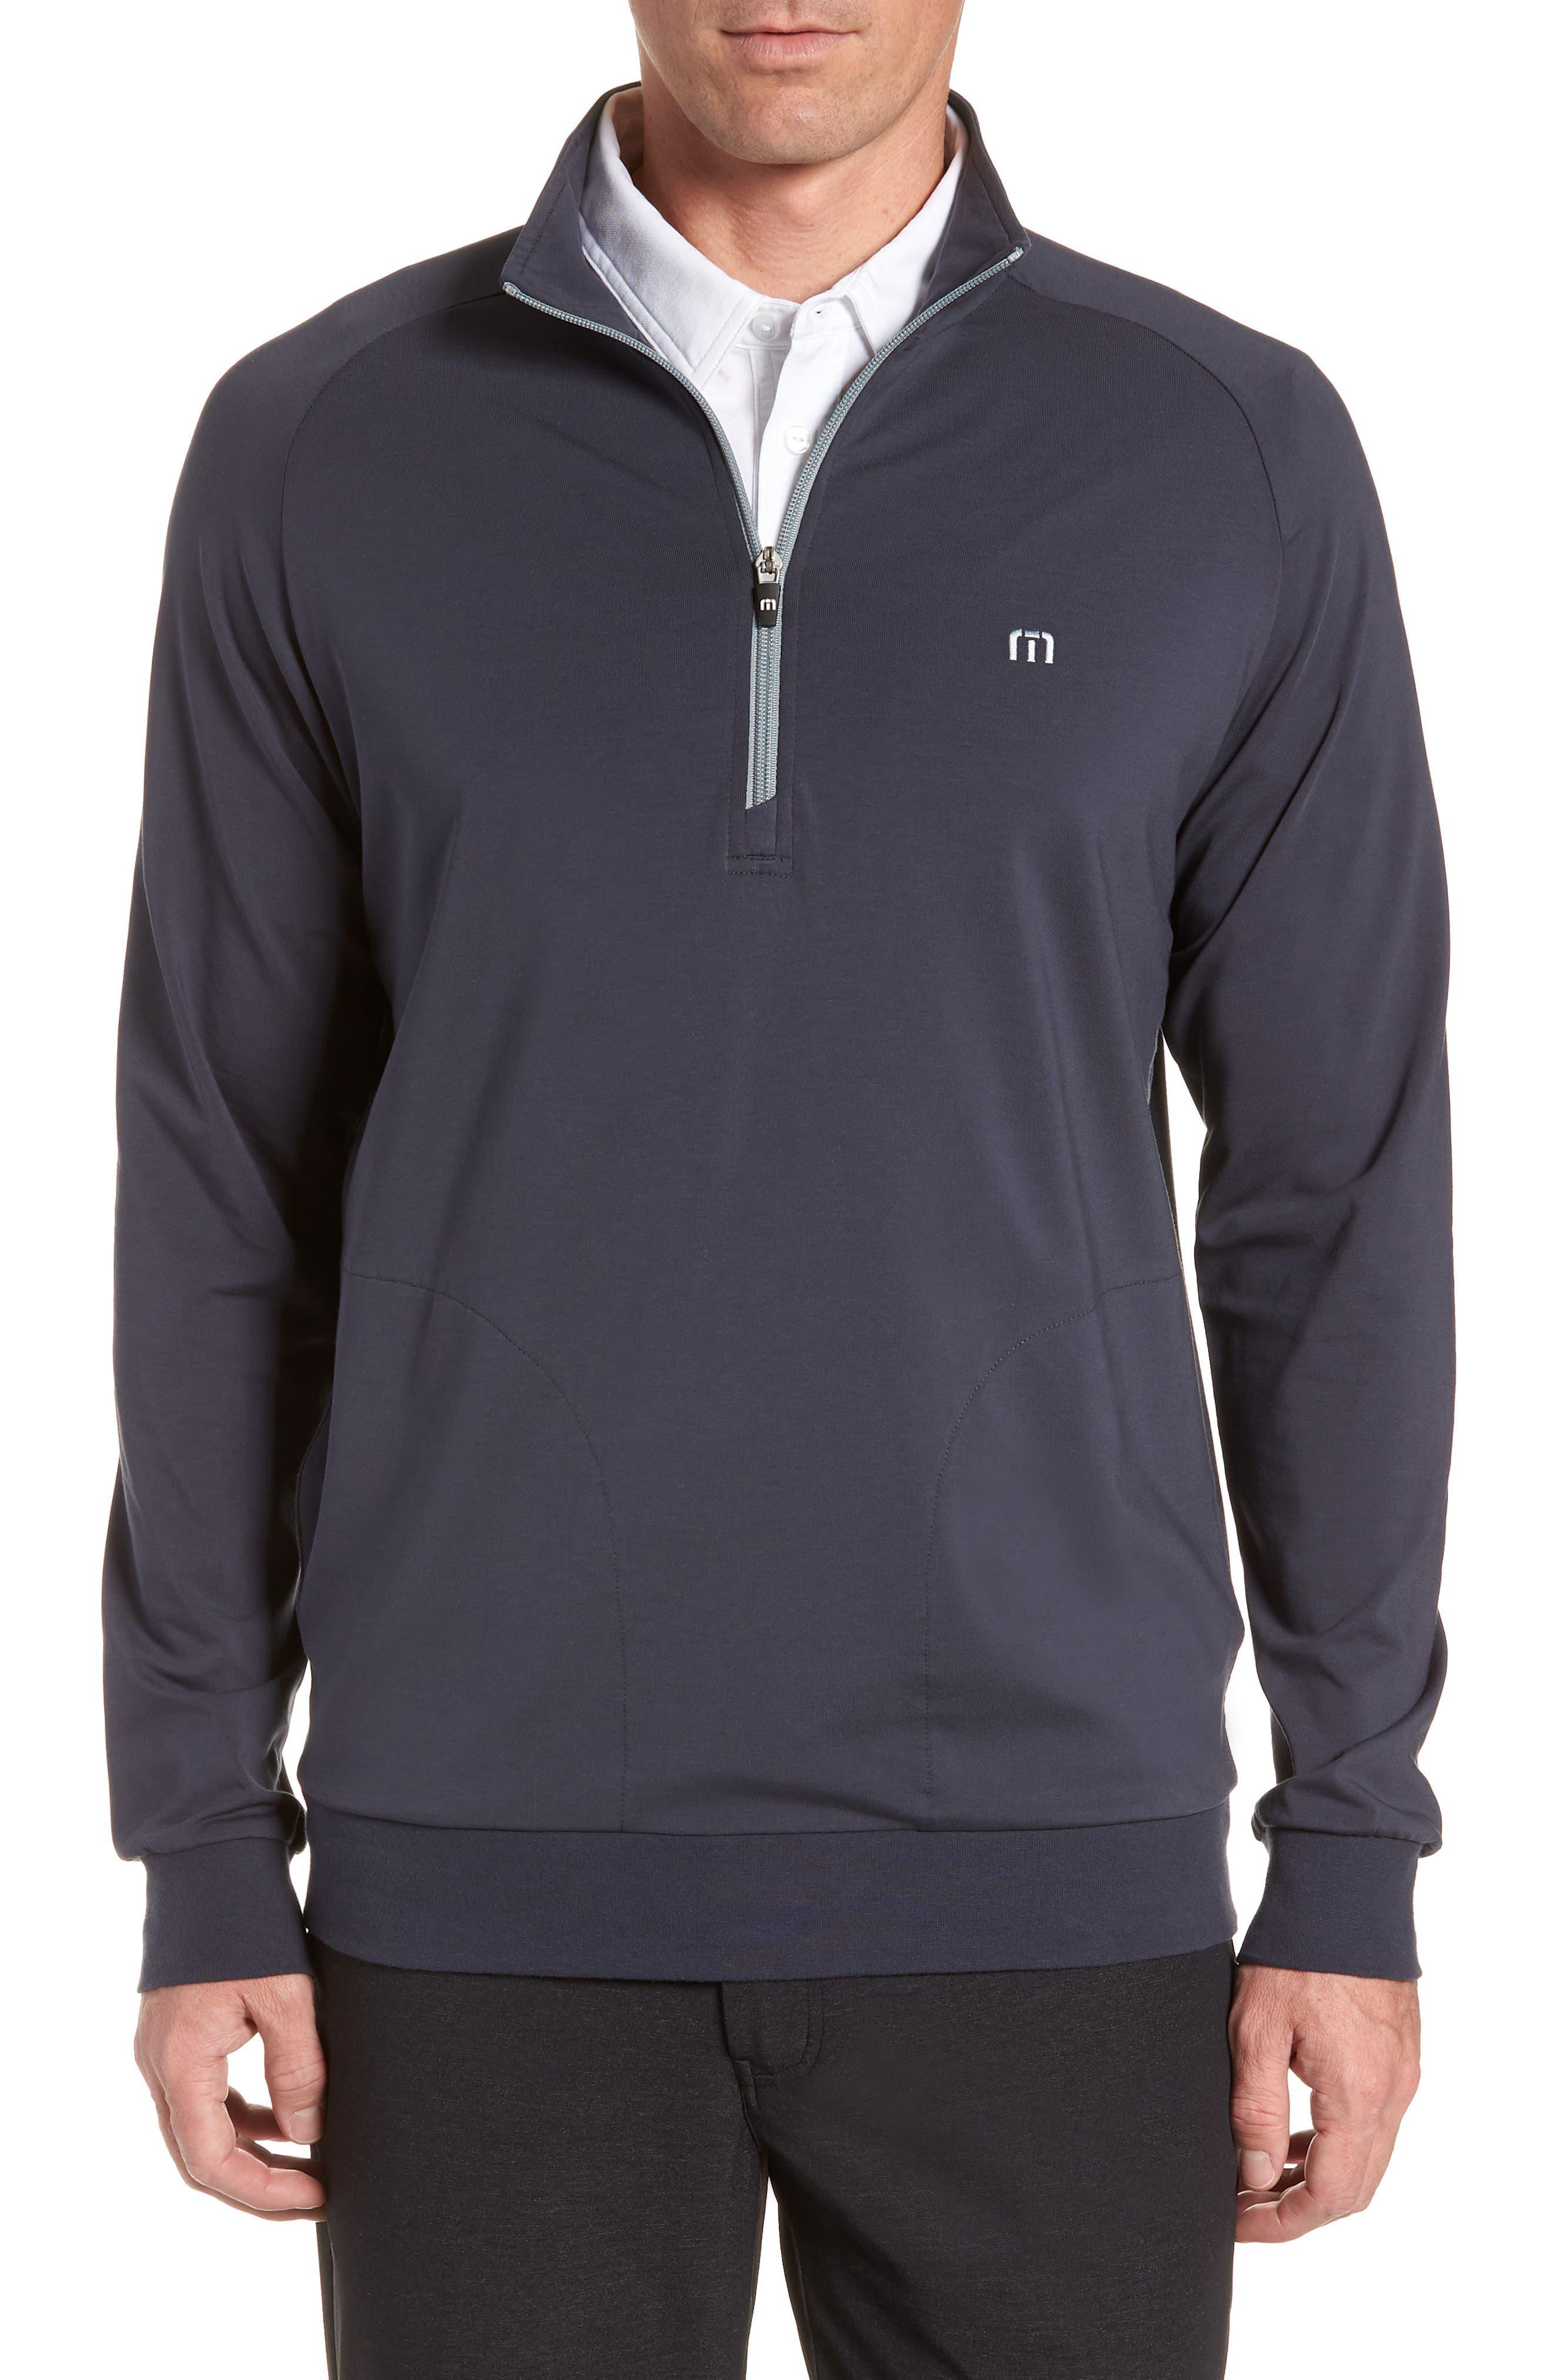 TRAVISMATHEW 'Strange Love' Trim Fit Wrinkle Resistant Quarter Zip Jacket, Main, color, BLUE NIGHTS